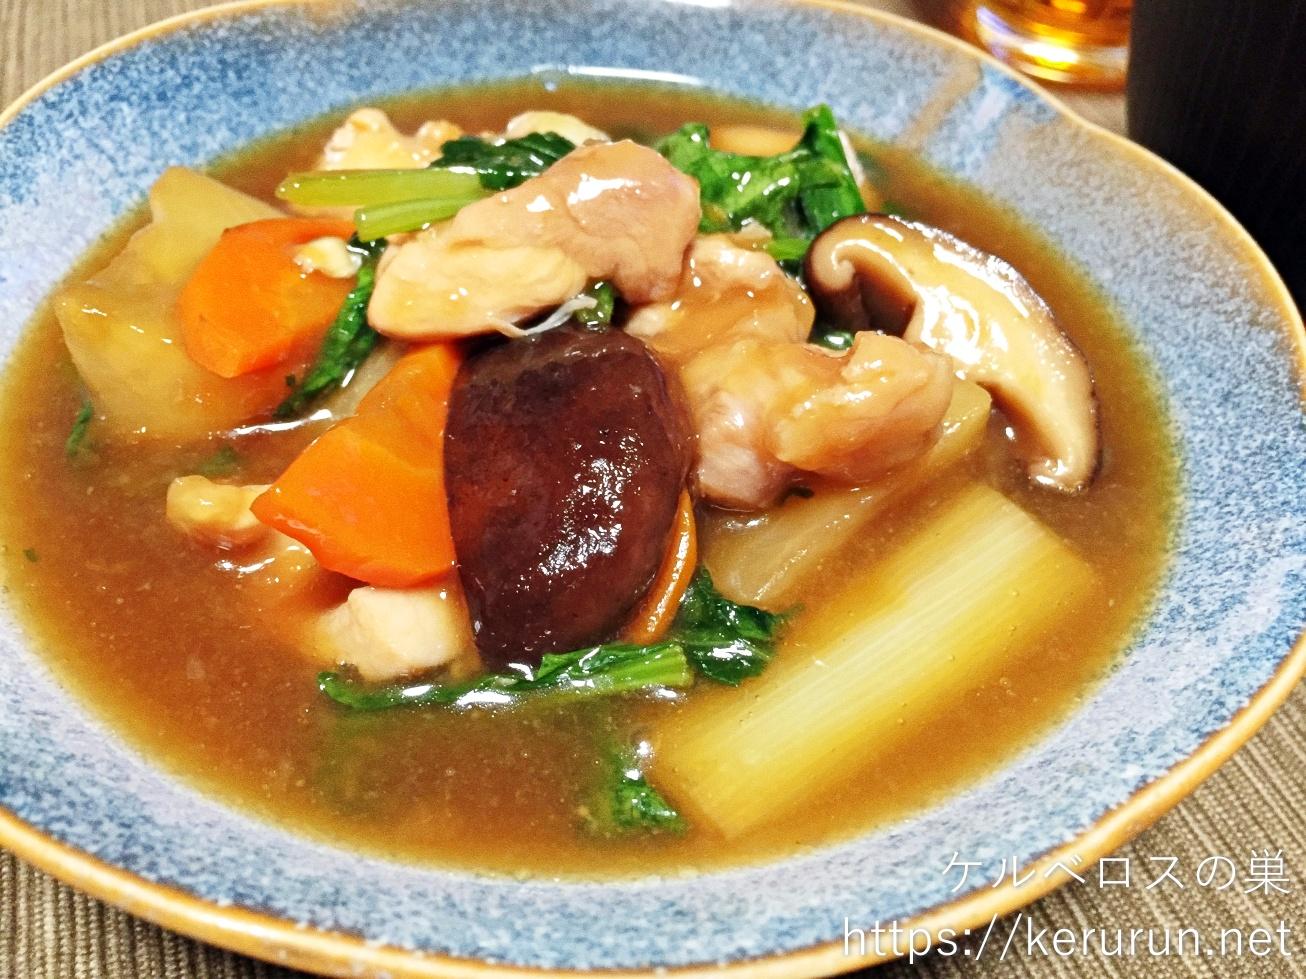 パルシステムのお料理セット「産直鶏肉と野菜の治部煮風」で一汁一菜の晩ごはん